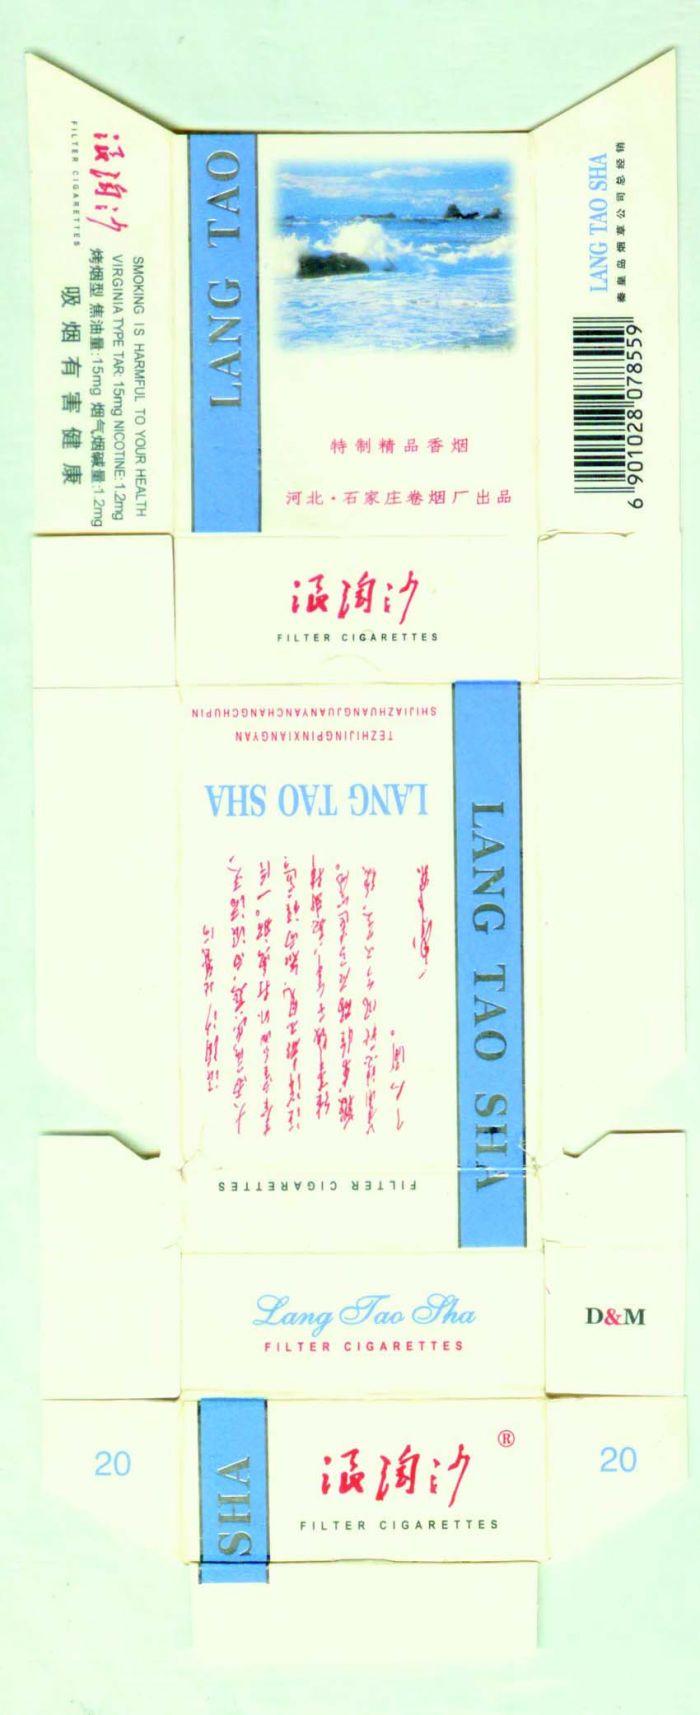 图4 河北石家庄卷烟厂出品于1990年代的浪淘沙烟标